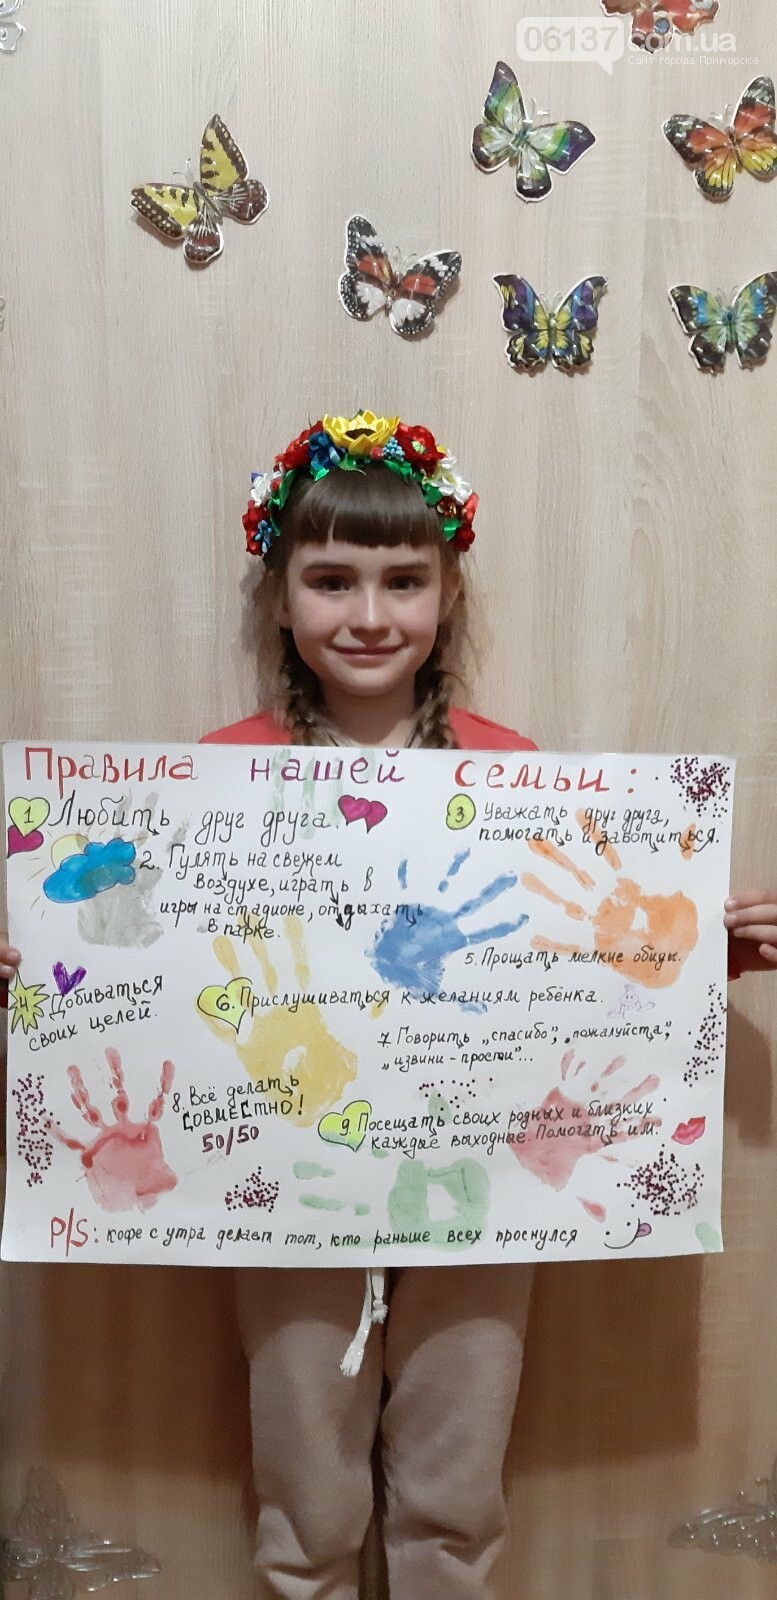 """В Приморську проходе онлайн - конкурс """"Правило нашої сім'ї"""", фото-6"""